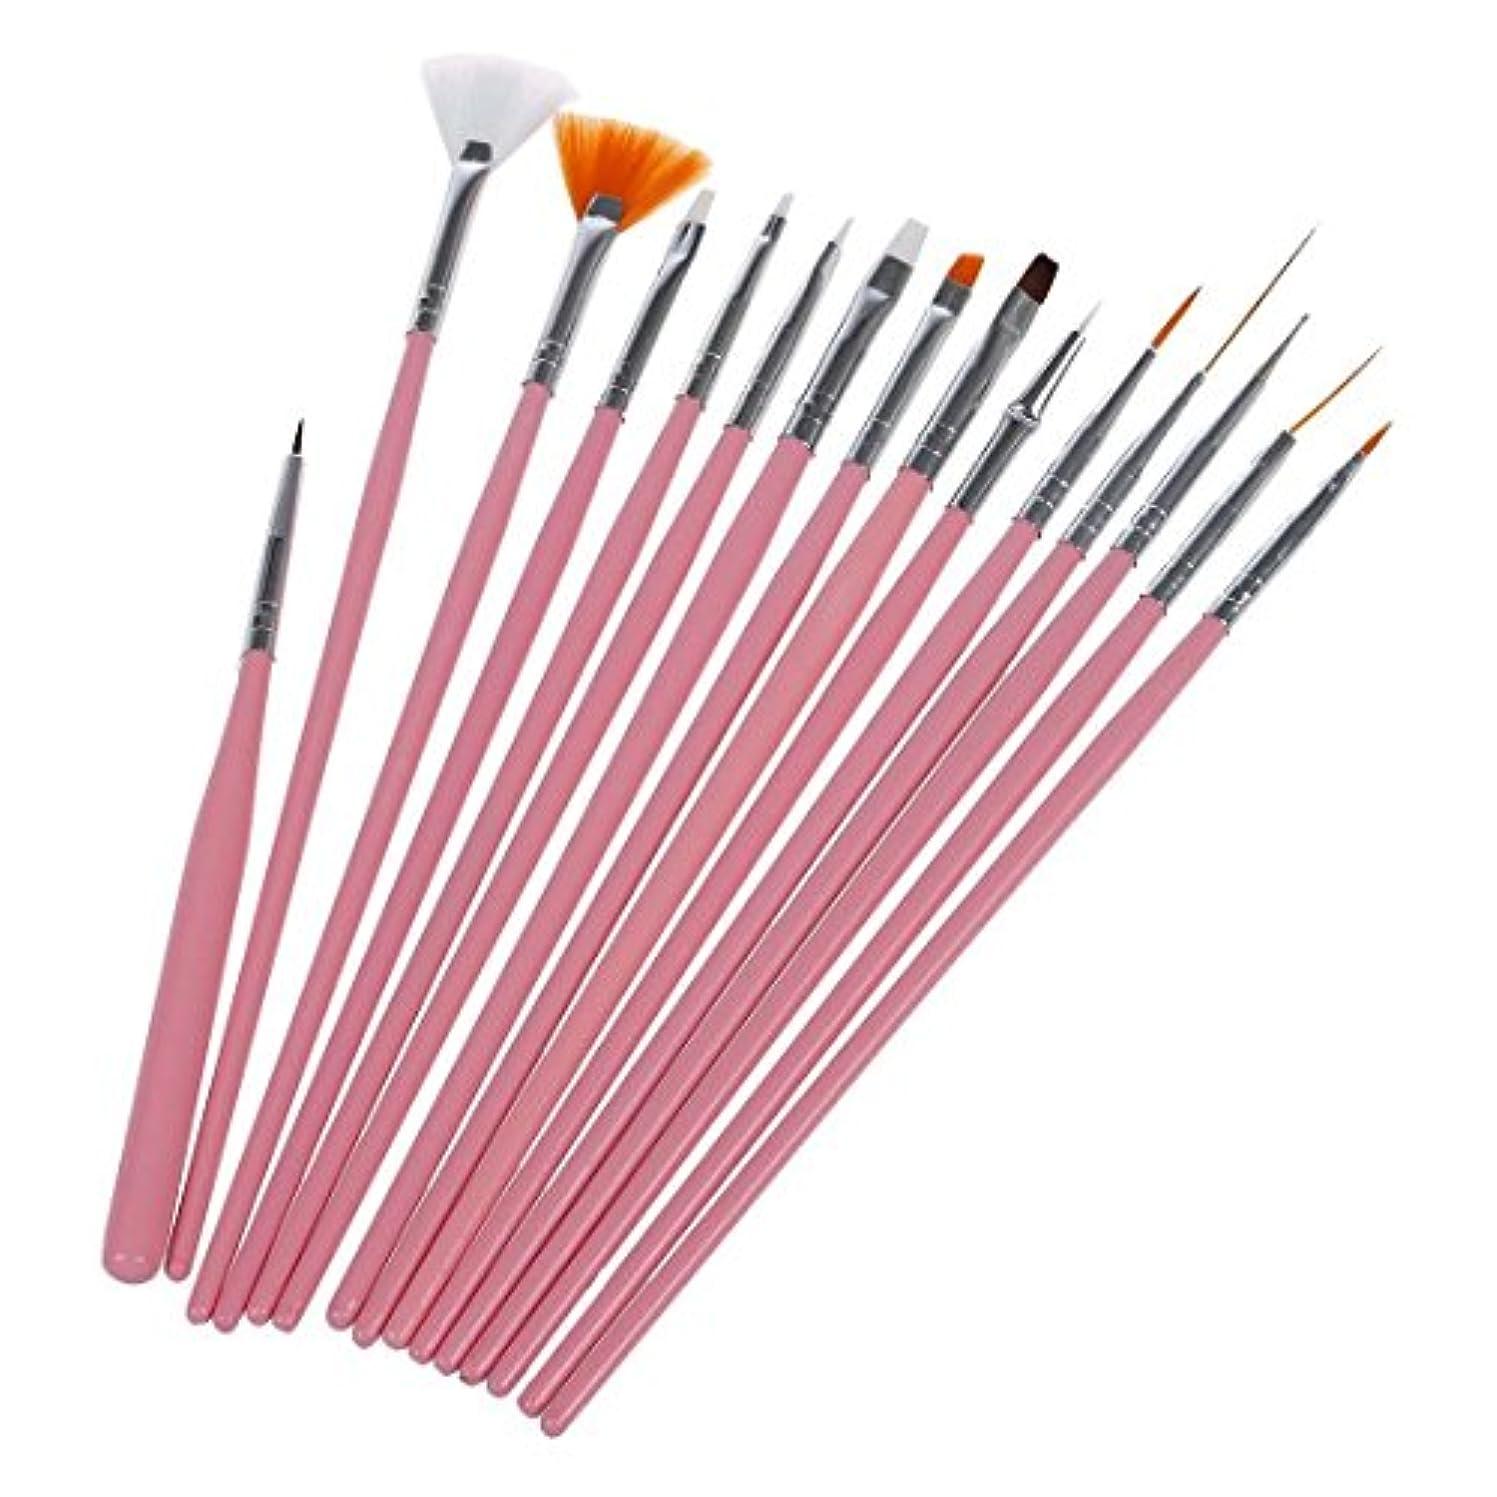 オリエント精算しっかりSODIAL(R) 15Xネイルアートアクリル UVジェル 設計ブラシセット ペインティングペン チップツールキット ピンク